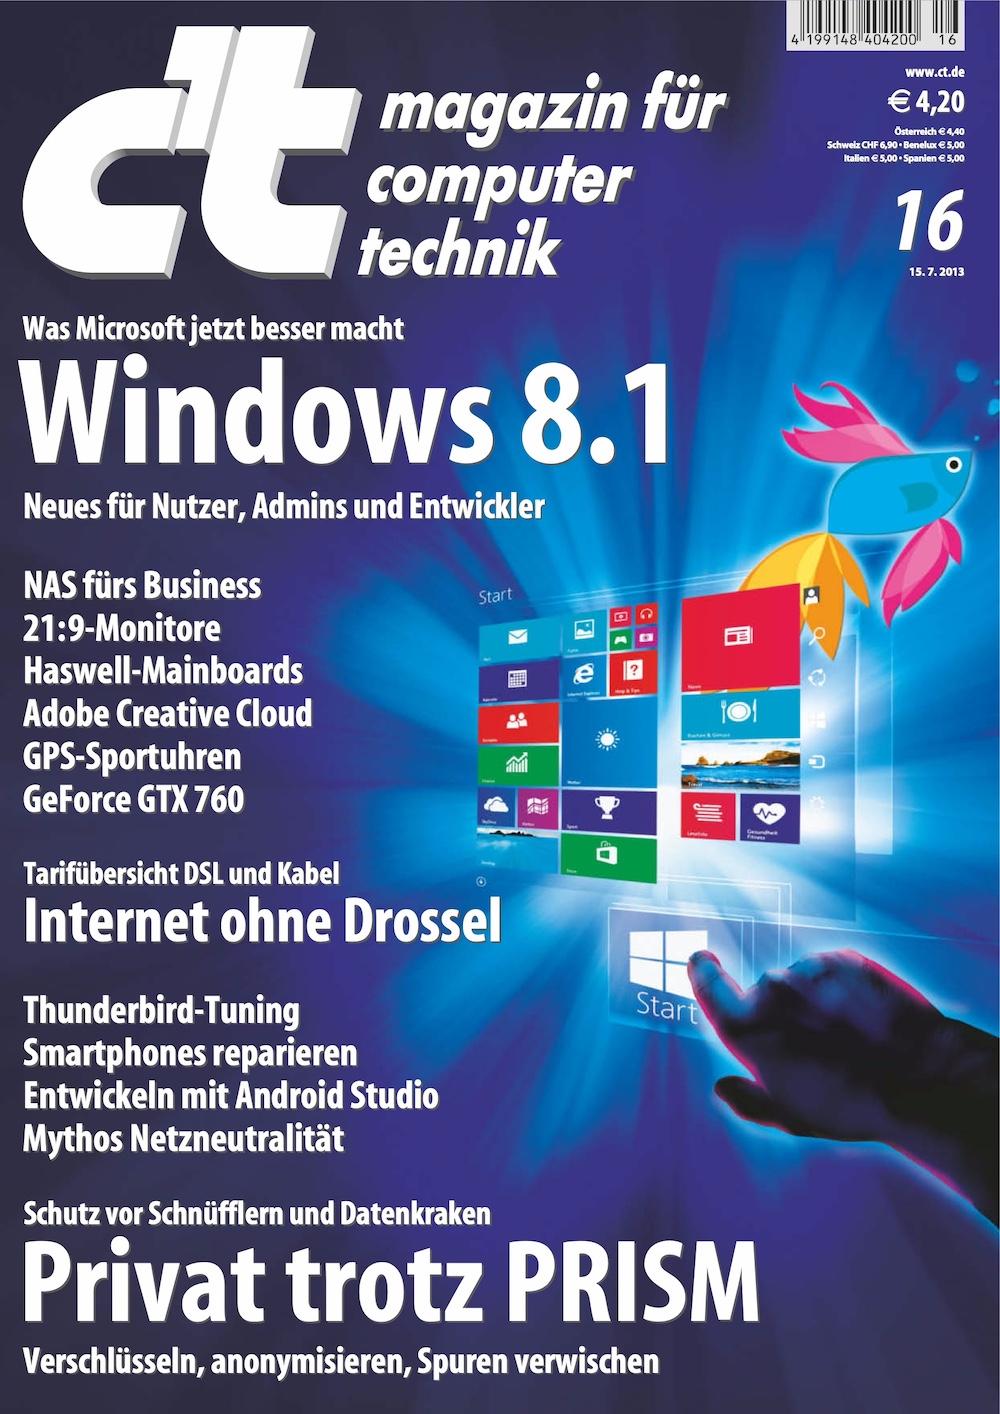 c't Magazin 2013-16